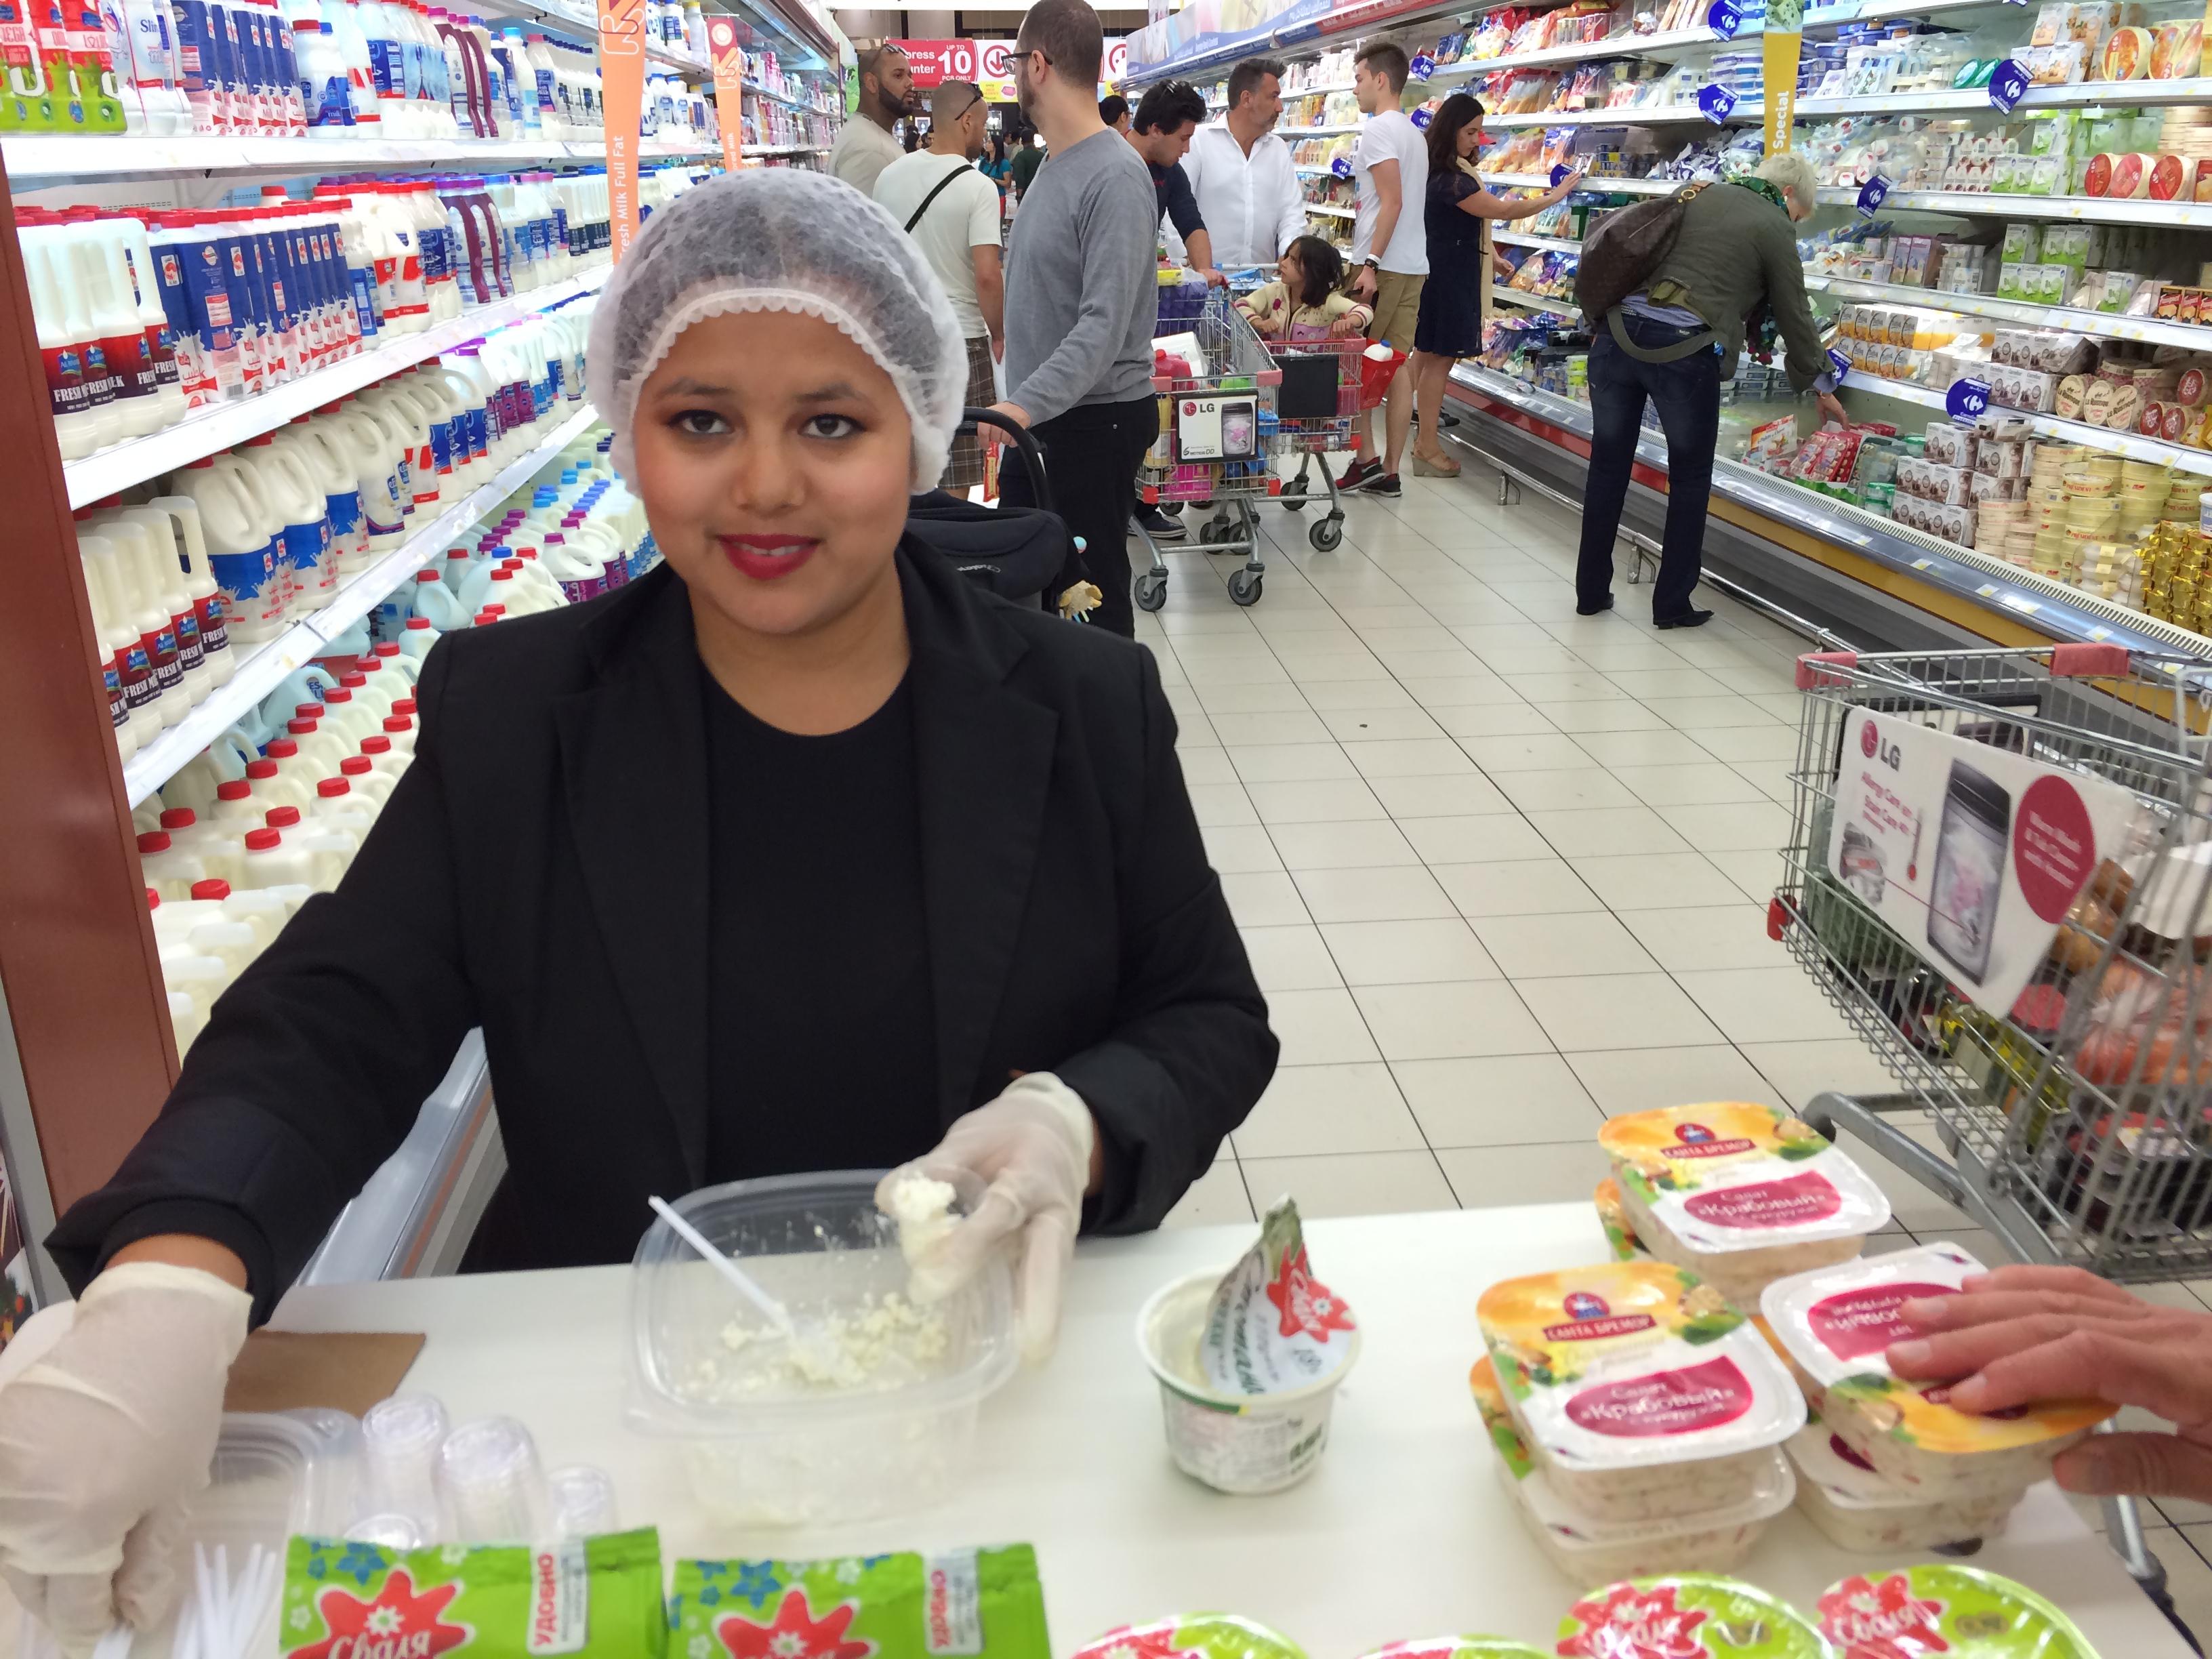 В гипермаркете в Дубае проходит дегустация белорусской продукции марки